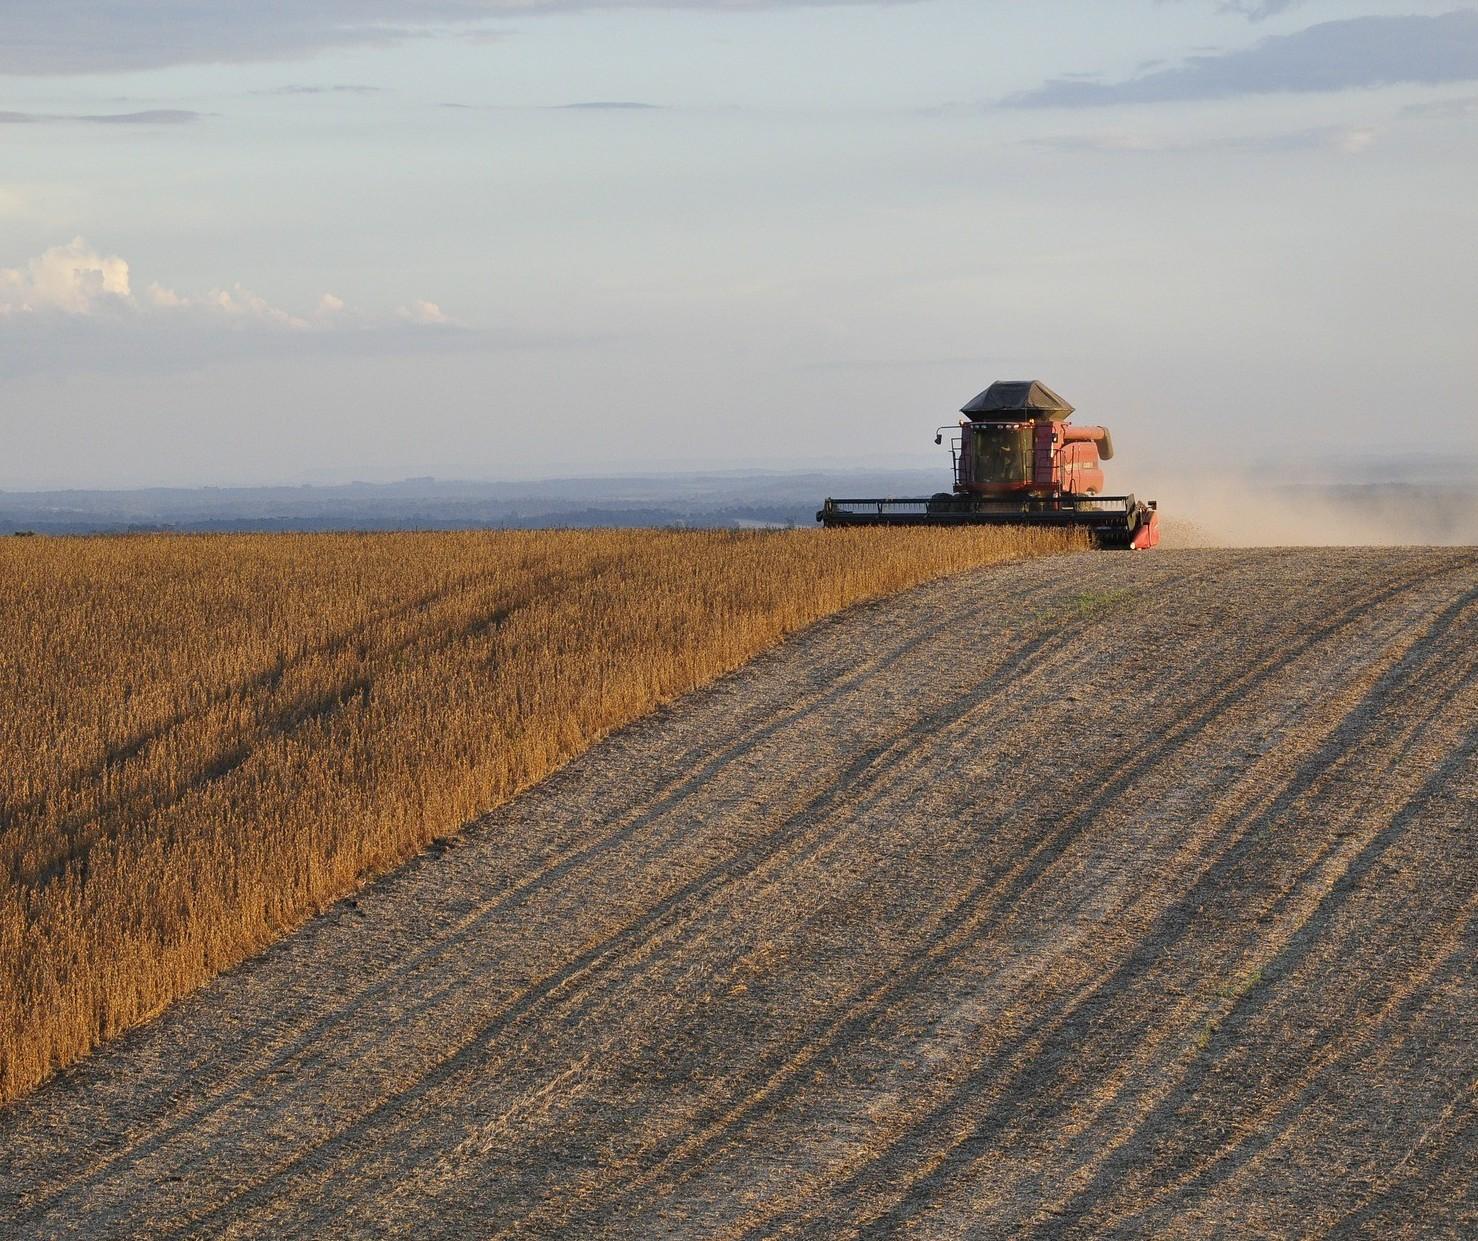 Datagro eleva safra 2019/20 de soja do Brasil para 122 milhões de toneladas